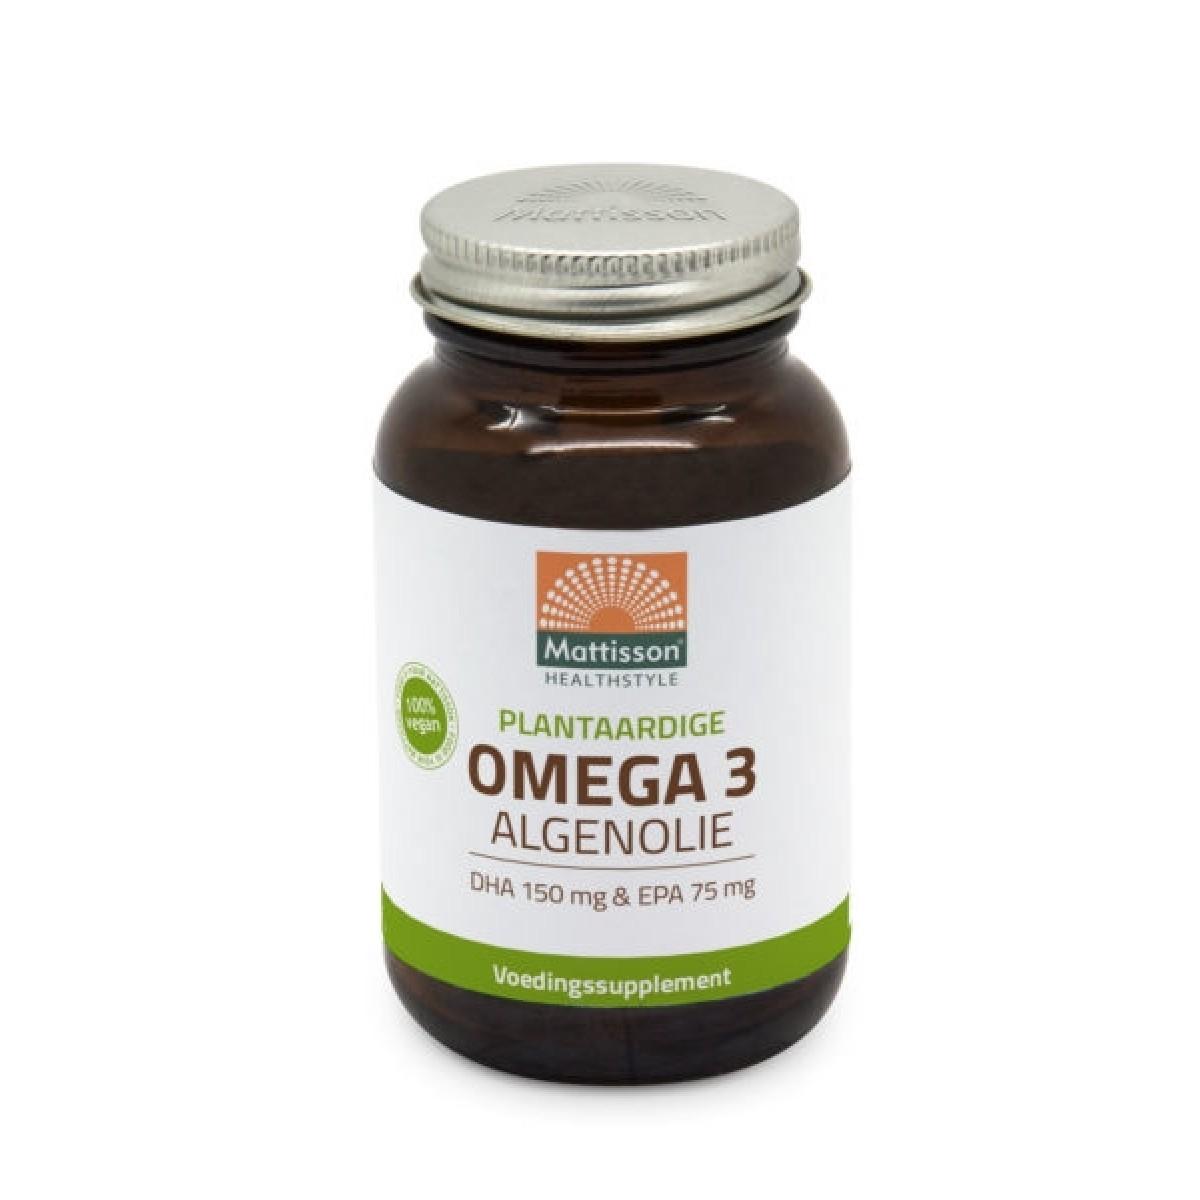 Omega 3 Algenolie 120 capsules